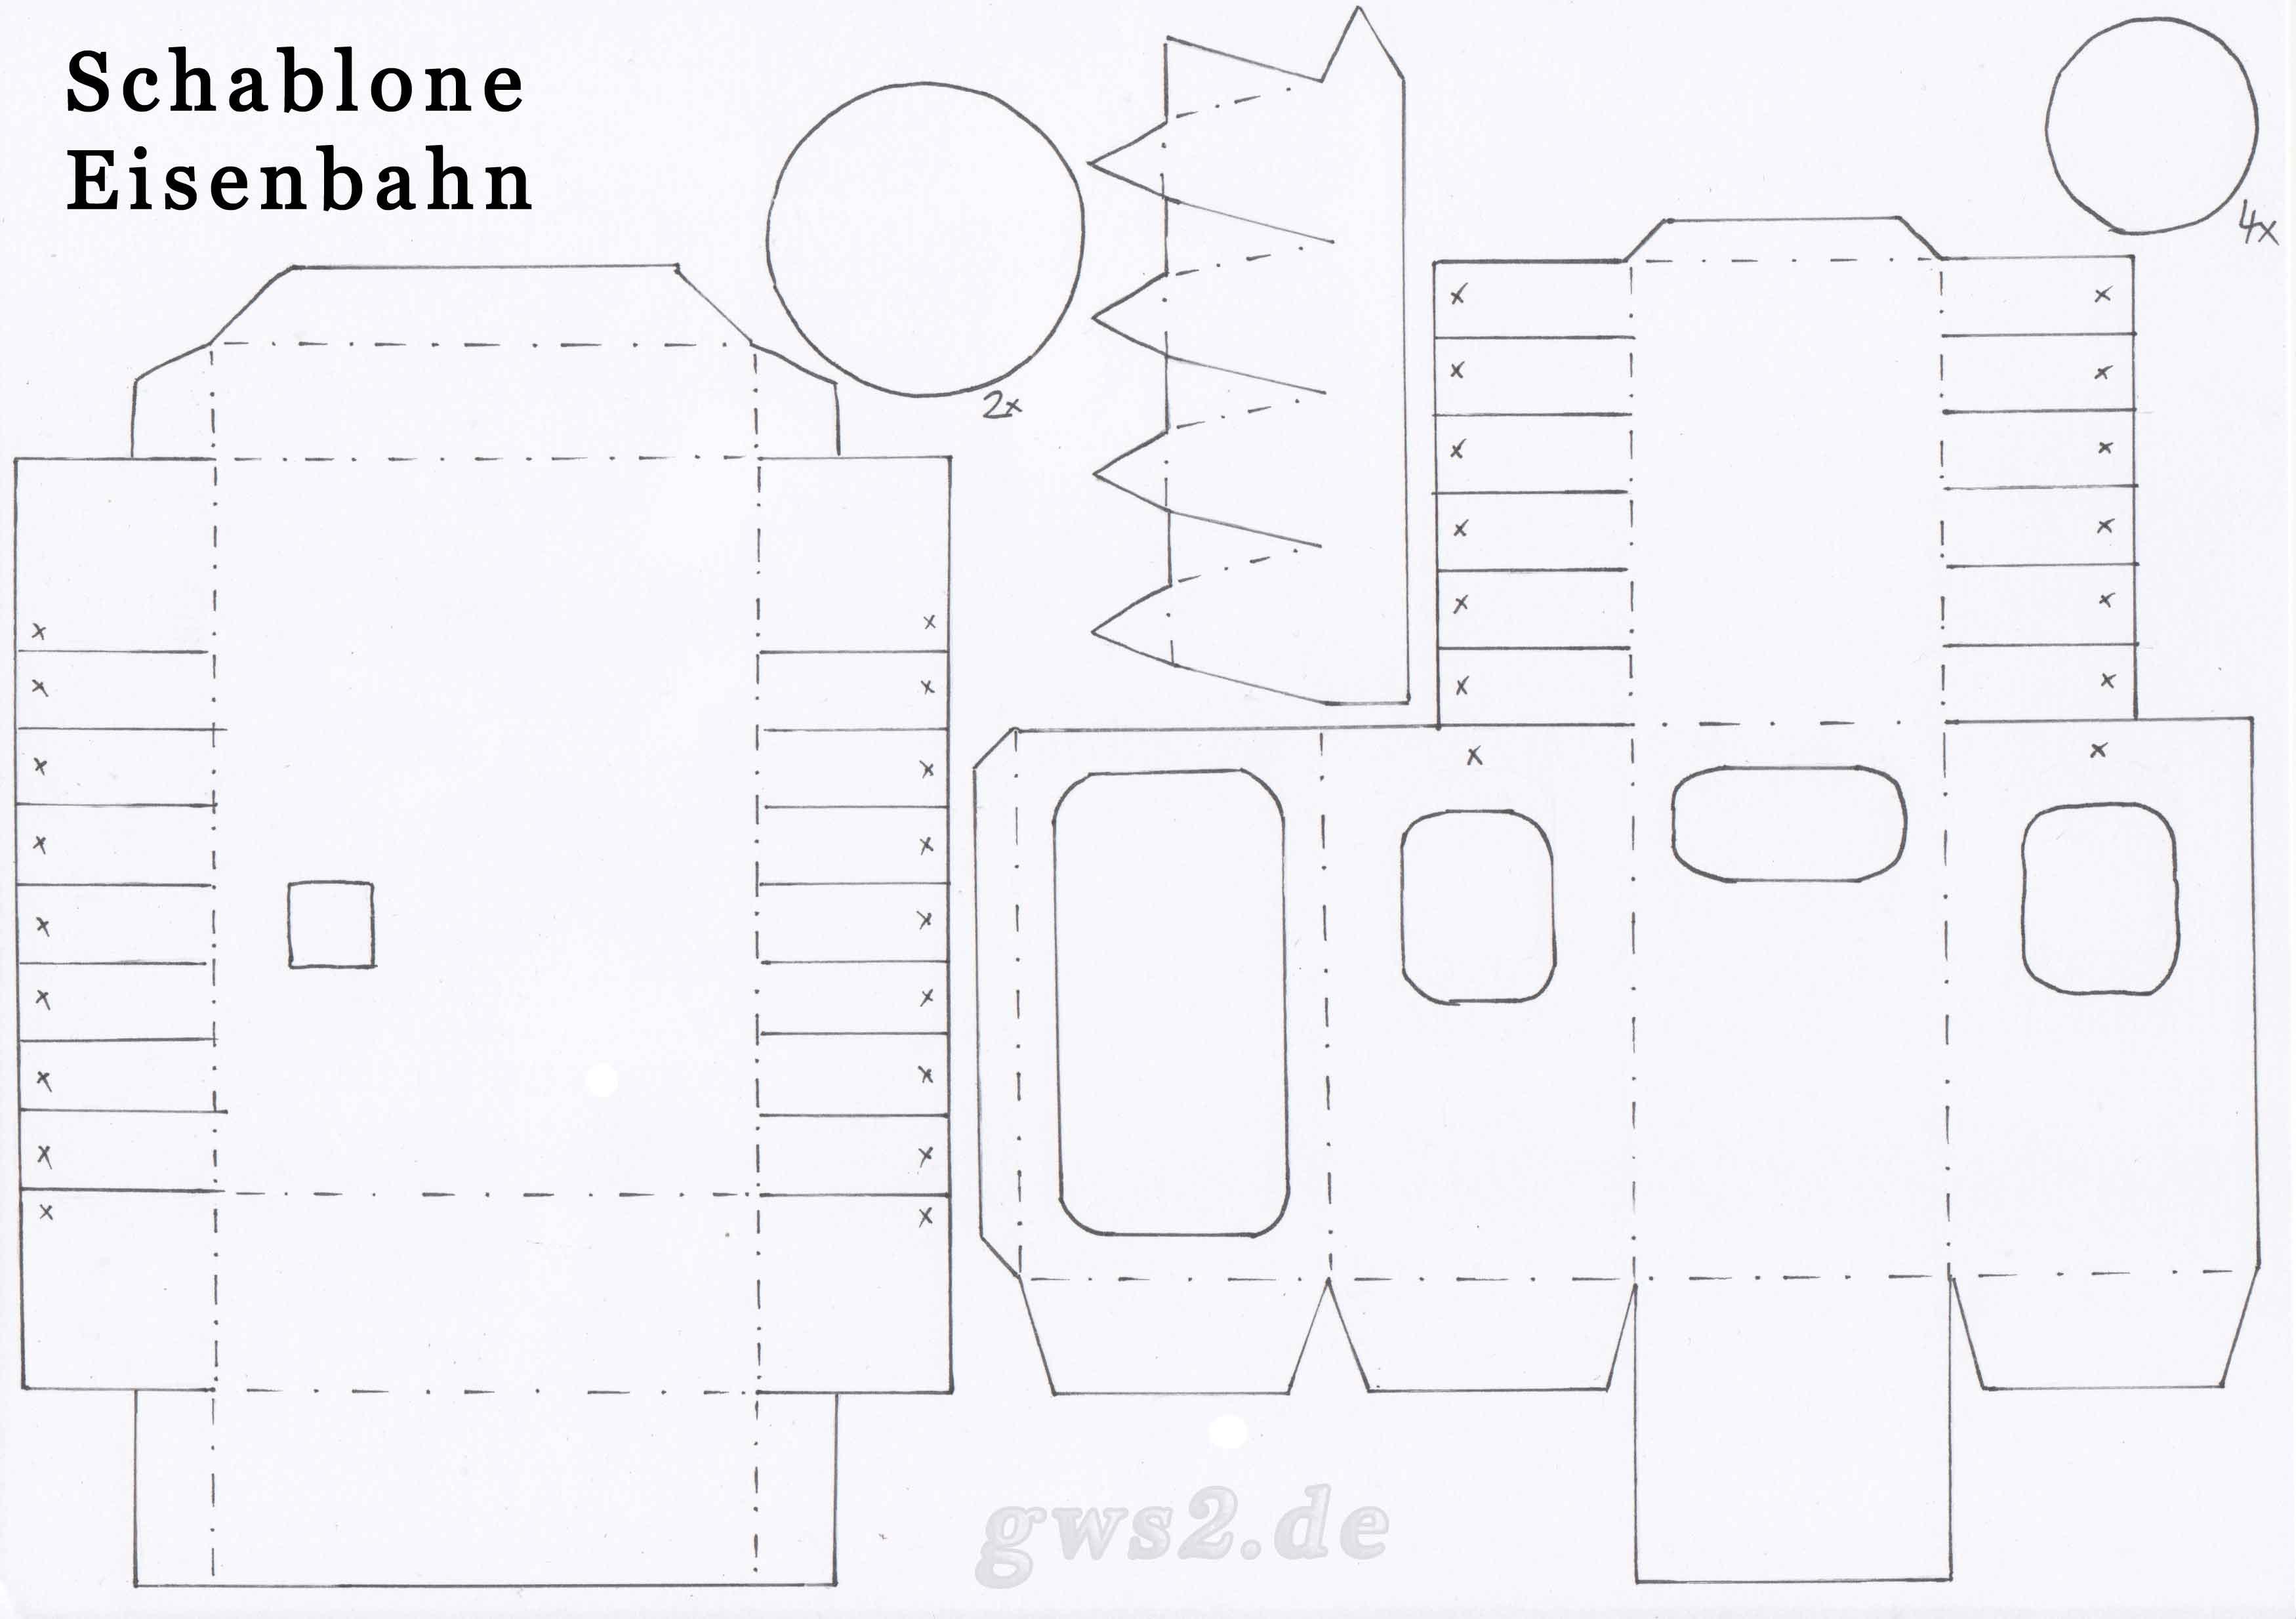 Bild von Schablone für Eisenbahn